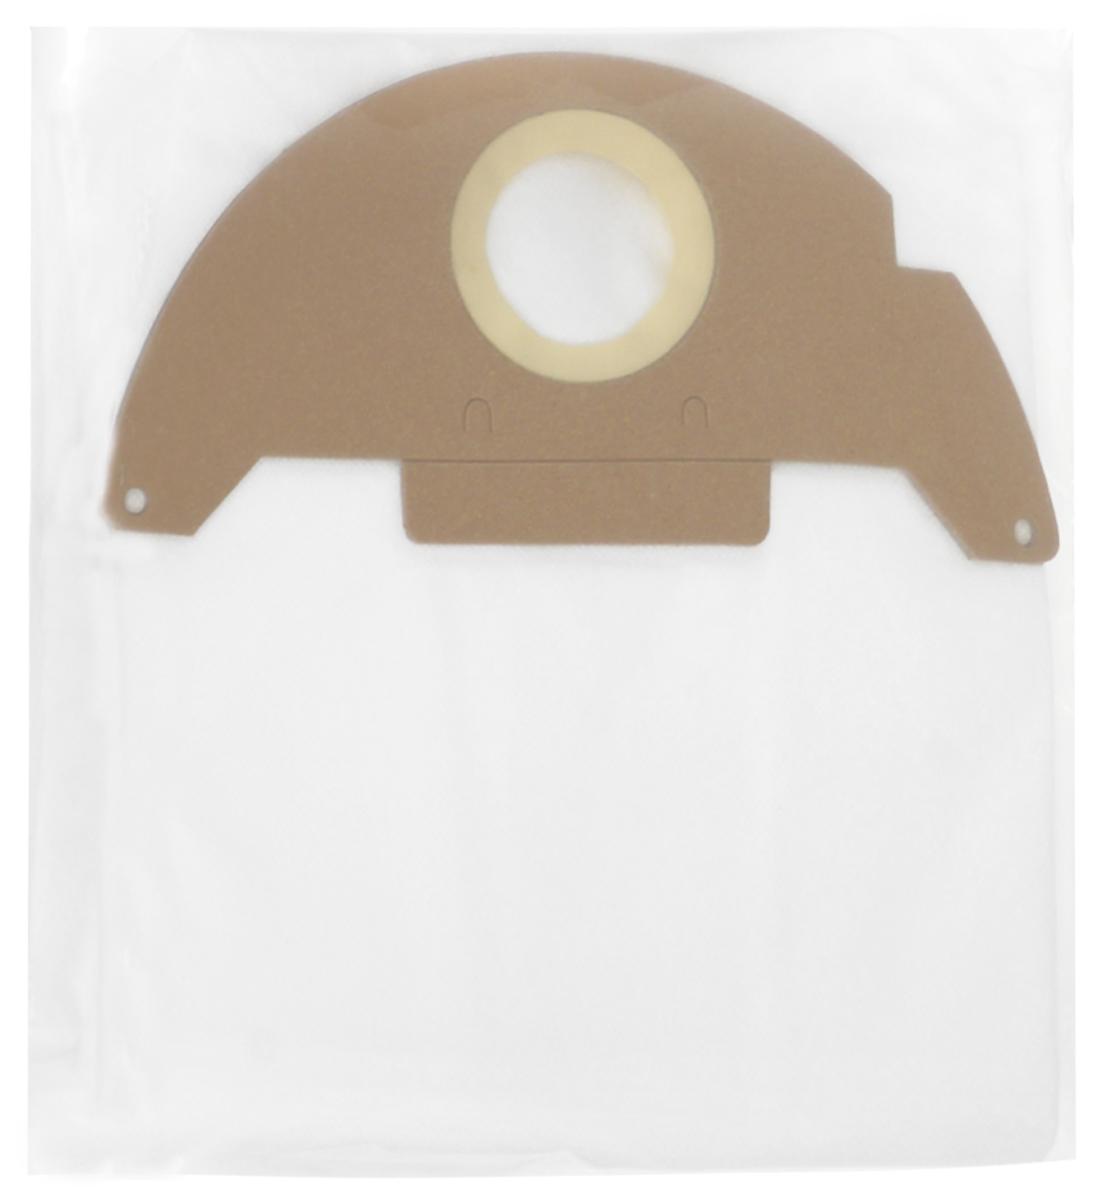 Filtero KAR 10 Pro комплект пылесборников для промышленных пылесосов, 4 штKAR 10 (4) ProМешки для промышленных пылесосов Filtero KAR 10 Pro, трехслойные, произведены из синтетического микроволокна MicroFib. Прочность синтетических мешков Filtero KAR 10 Pro превосходит любые бумажные мешки-аналоги, даже если это оригинальные бумажные мешки всемирно известных марок. Вы можете быть уверены: заклепки, гвозди, шурупы, битое стекло, острые камни и прочее не смогут прорвать мешки Filtero Pro. Мешки Filtero Pro не боятся влаги, и даже вода, попавшая в мешок, не помешает вам произвести качественную уборку! Мешки Filtero Pro предназначены для уборки пыли класса М.Подходят для следующих моделей пылесосов:Karcher:250126013001A 2120NT 181 ProSE 2001SE 3001SE 5.100SE 6.100